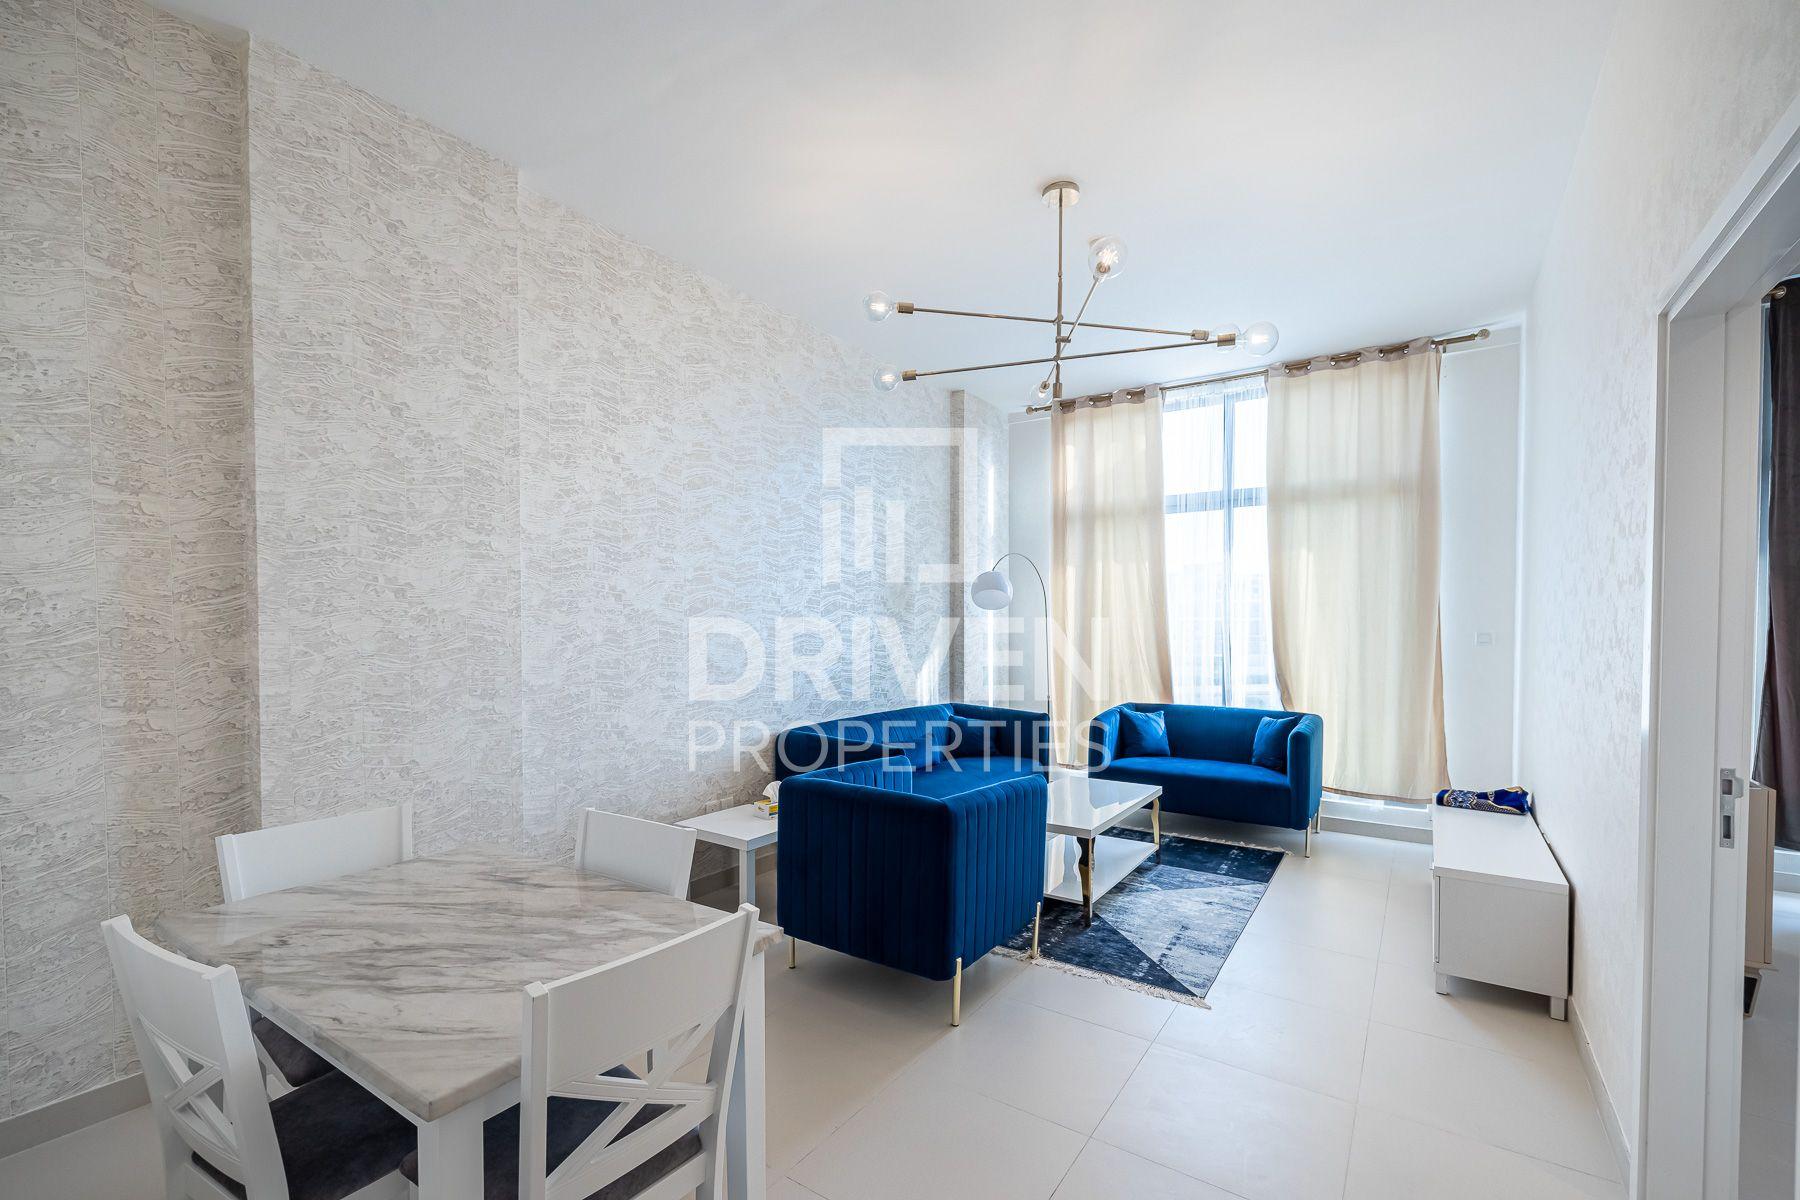 768 قدم مربع  شقة - للايجار - ميدان